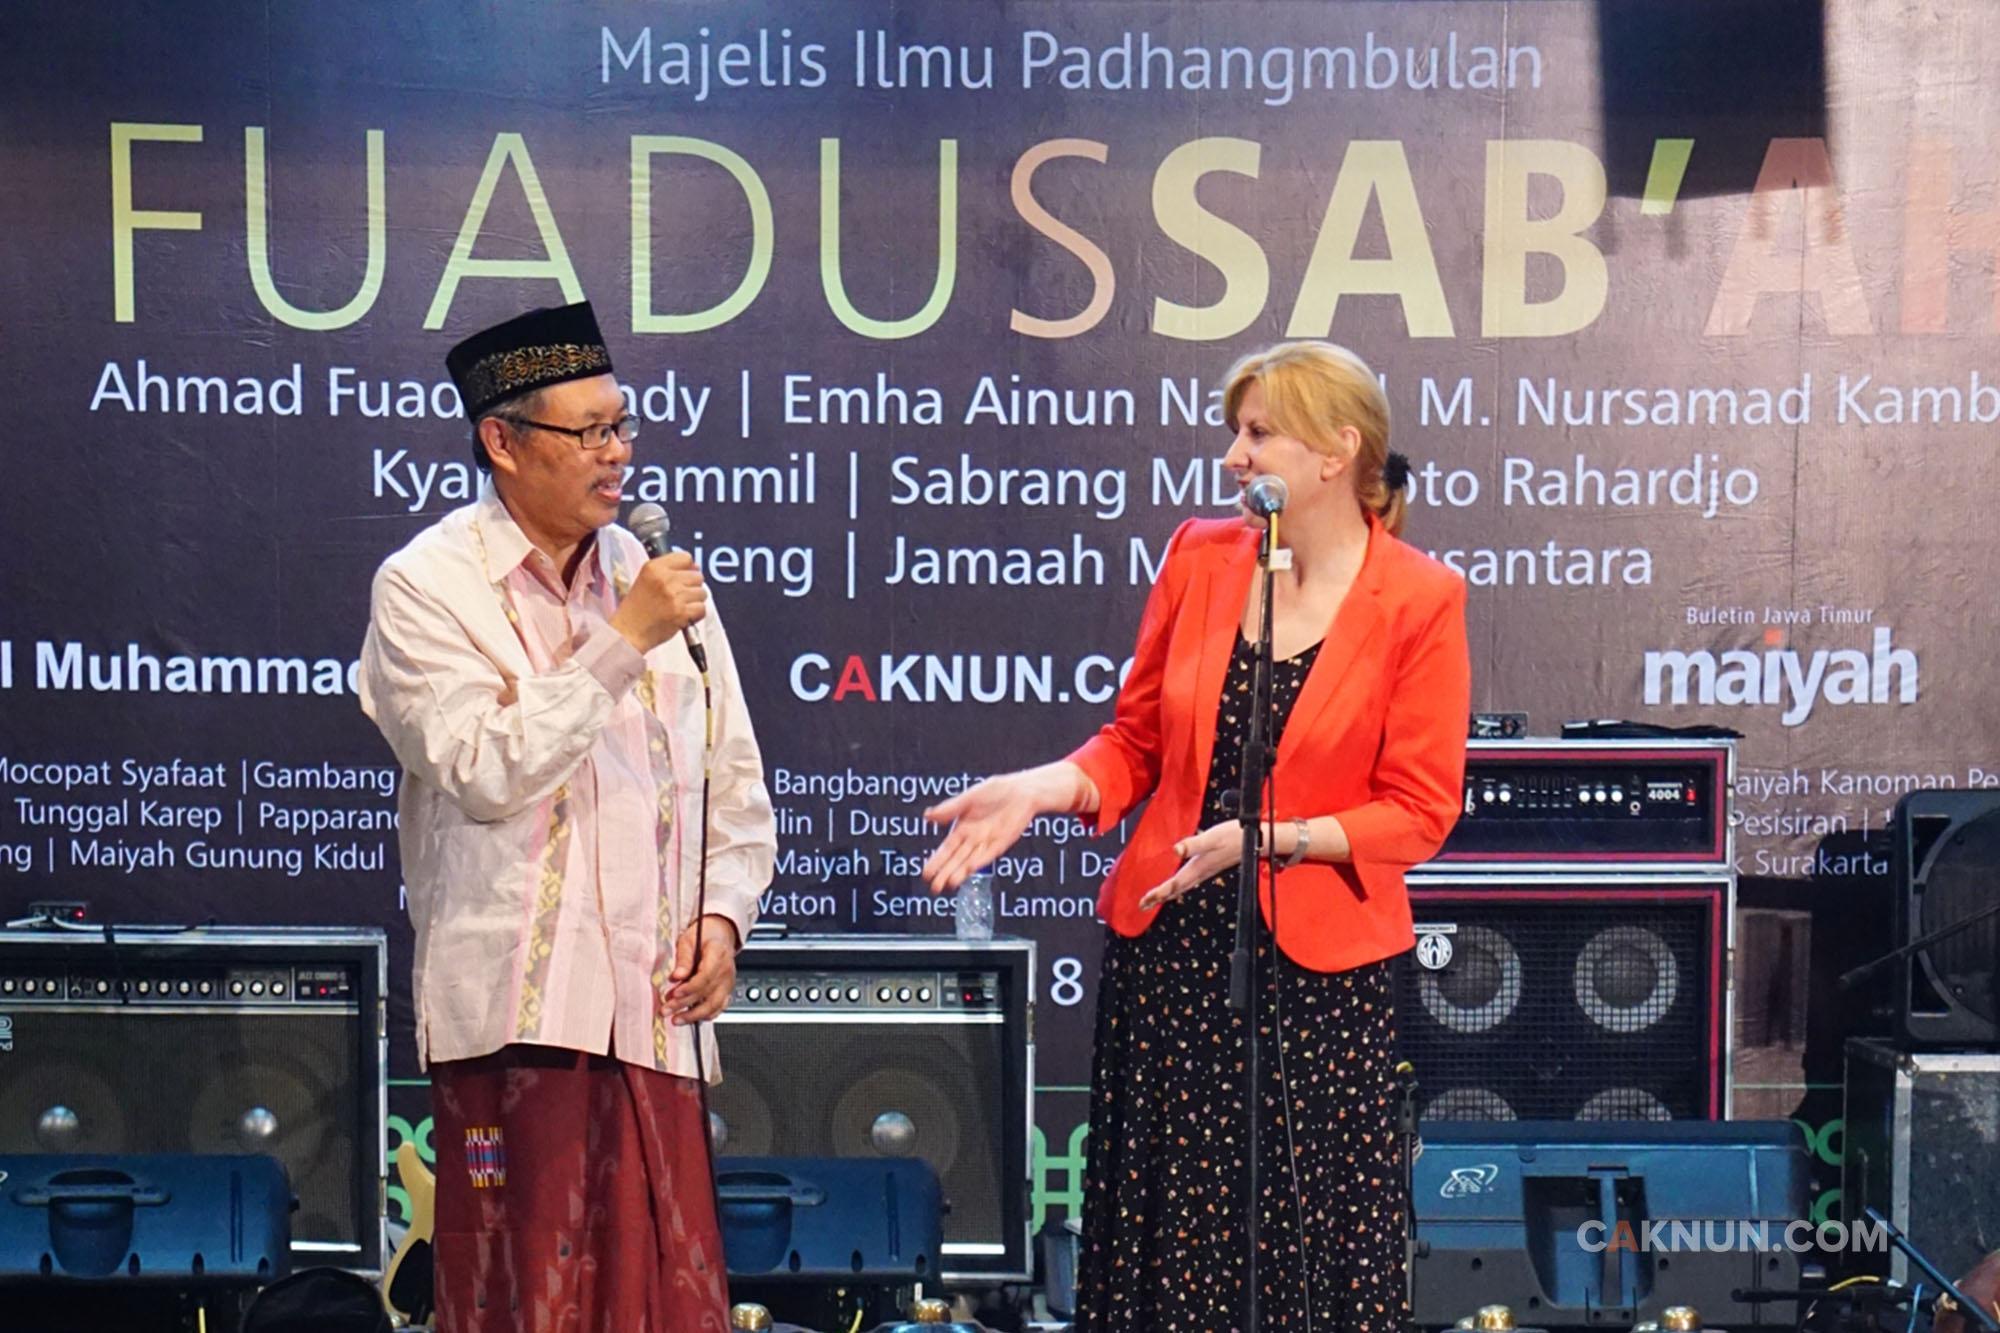 Sambutan Prof. Barbara dan Barikade Keta'dziman